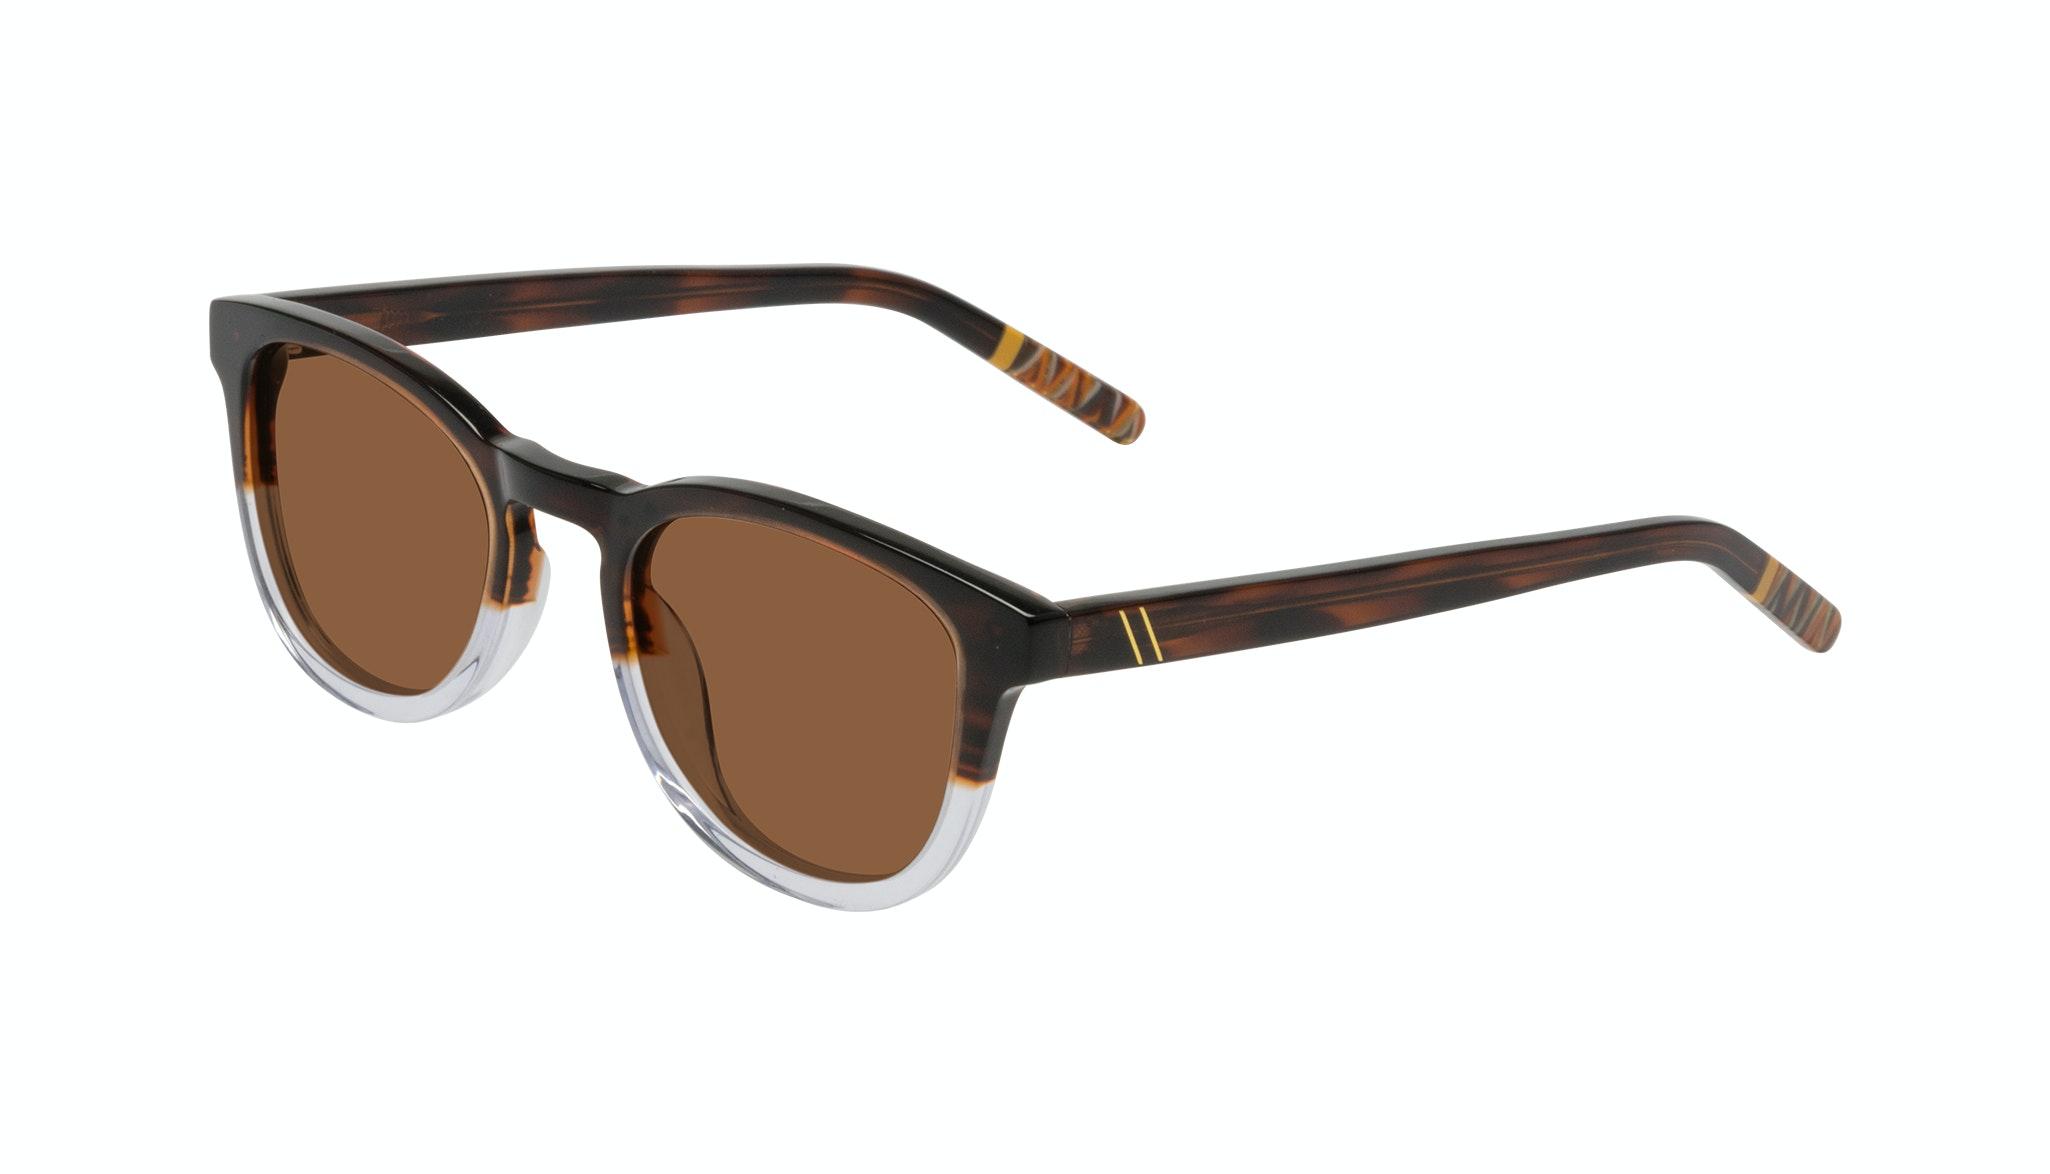 Affordable Fashion Glasses Round Sunglasses Men Goal Bark Tilt